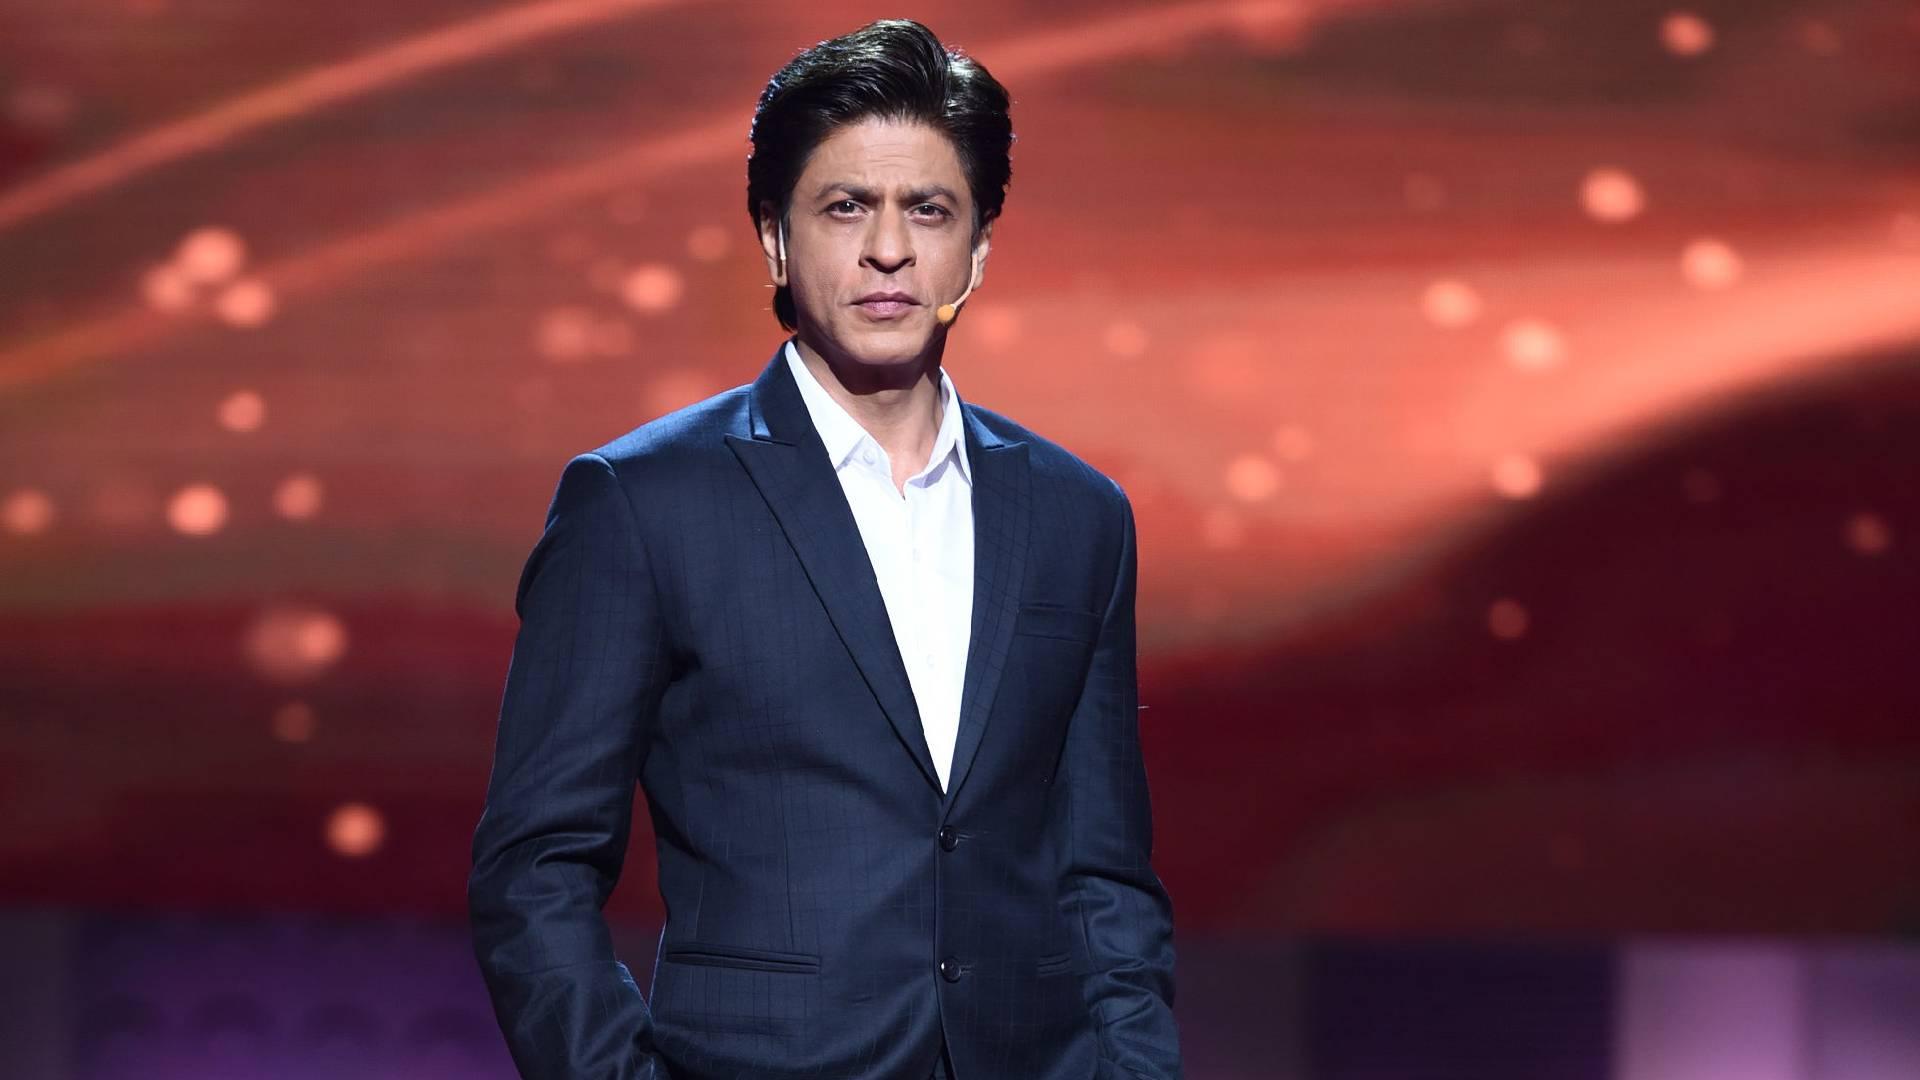 Shah Rukh Khan Birthday: शाहरुख खान का आज 54 वां जन्मदिन, इन बातों ने बनाया उन्हें बॉलीवुड का 'बादशाह'